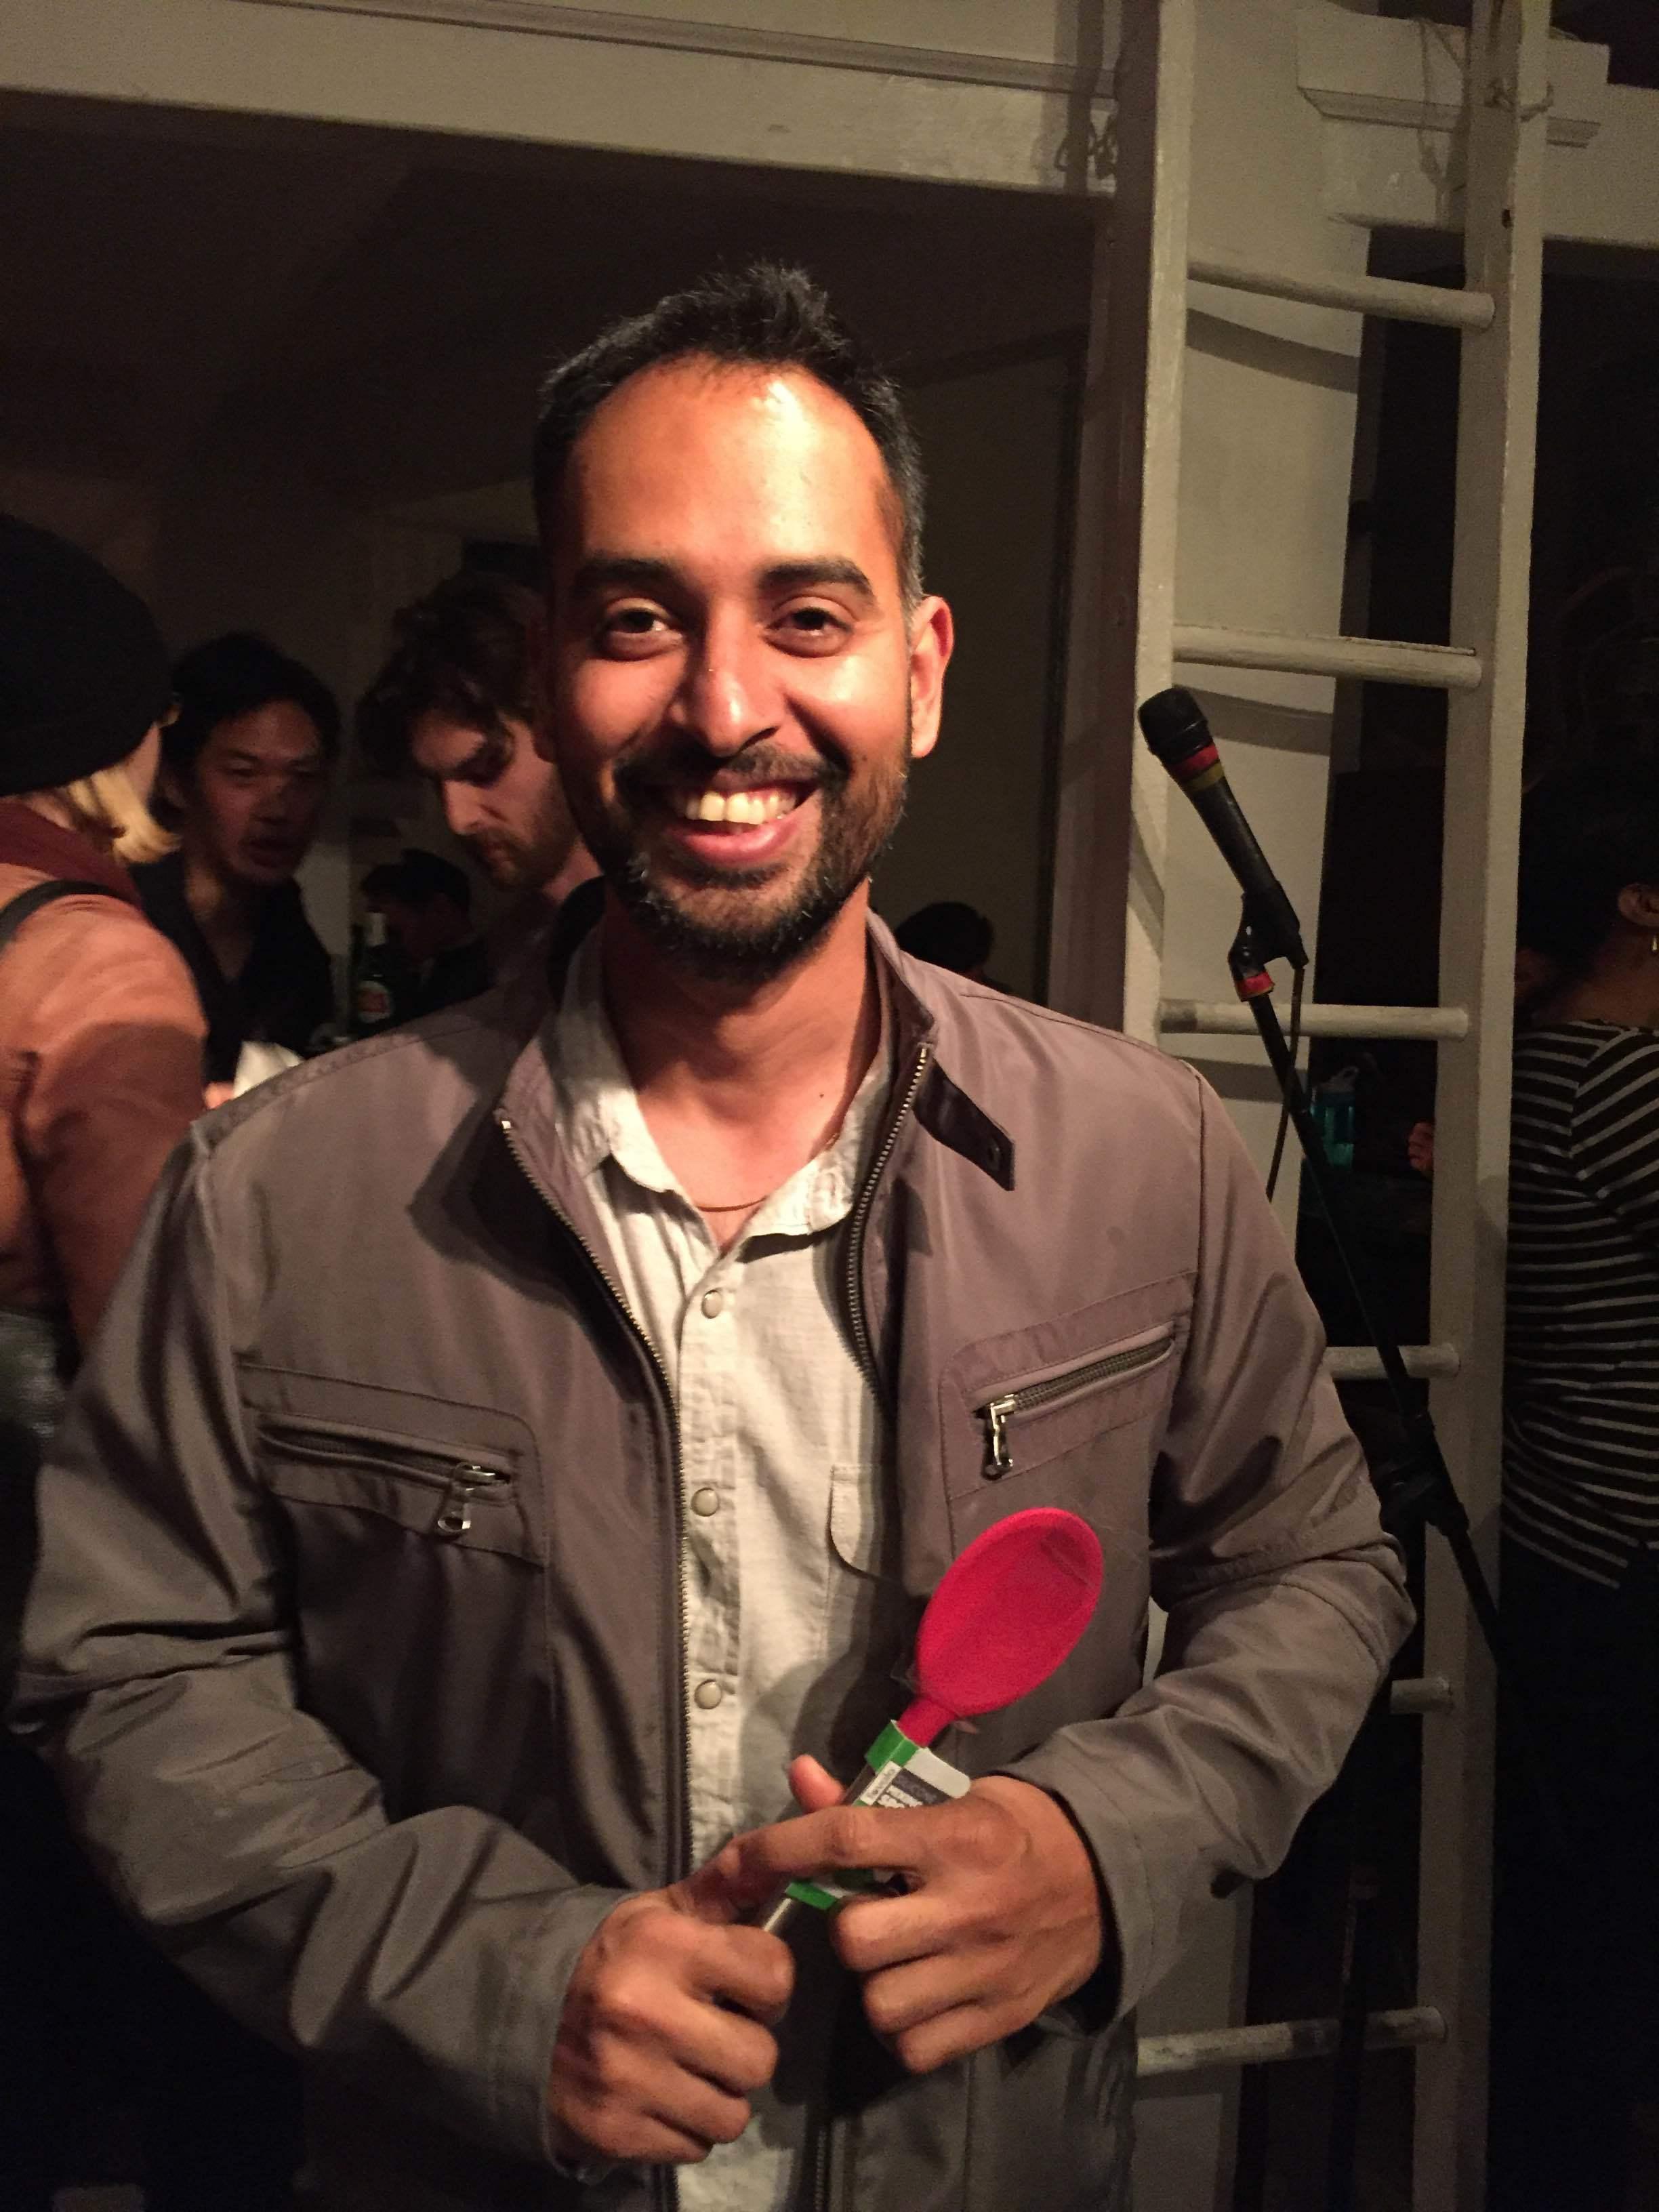 Rama won the spoon!